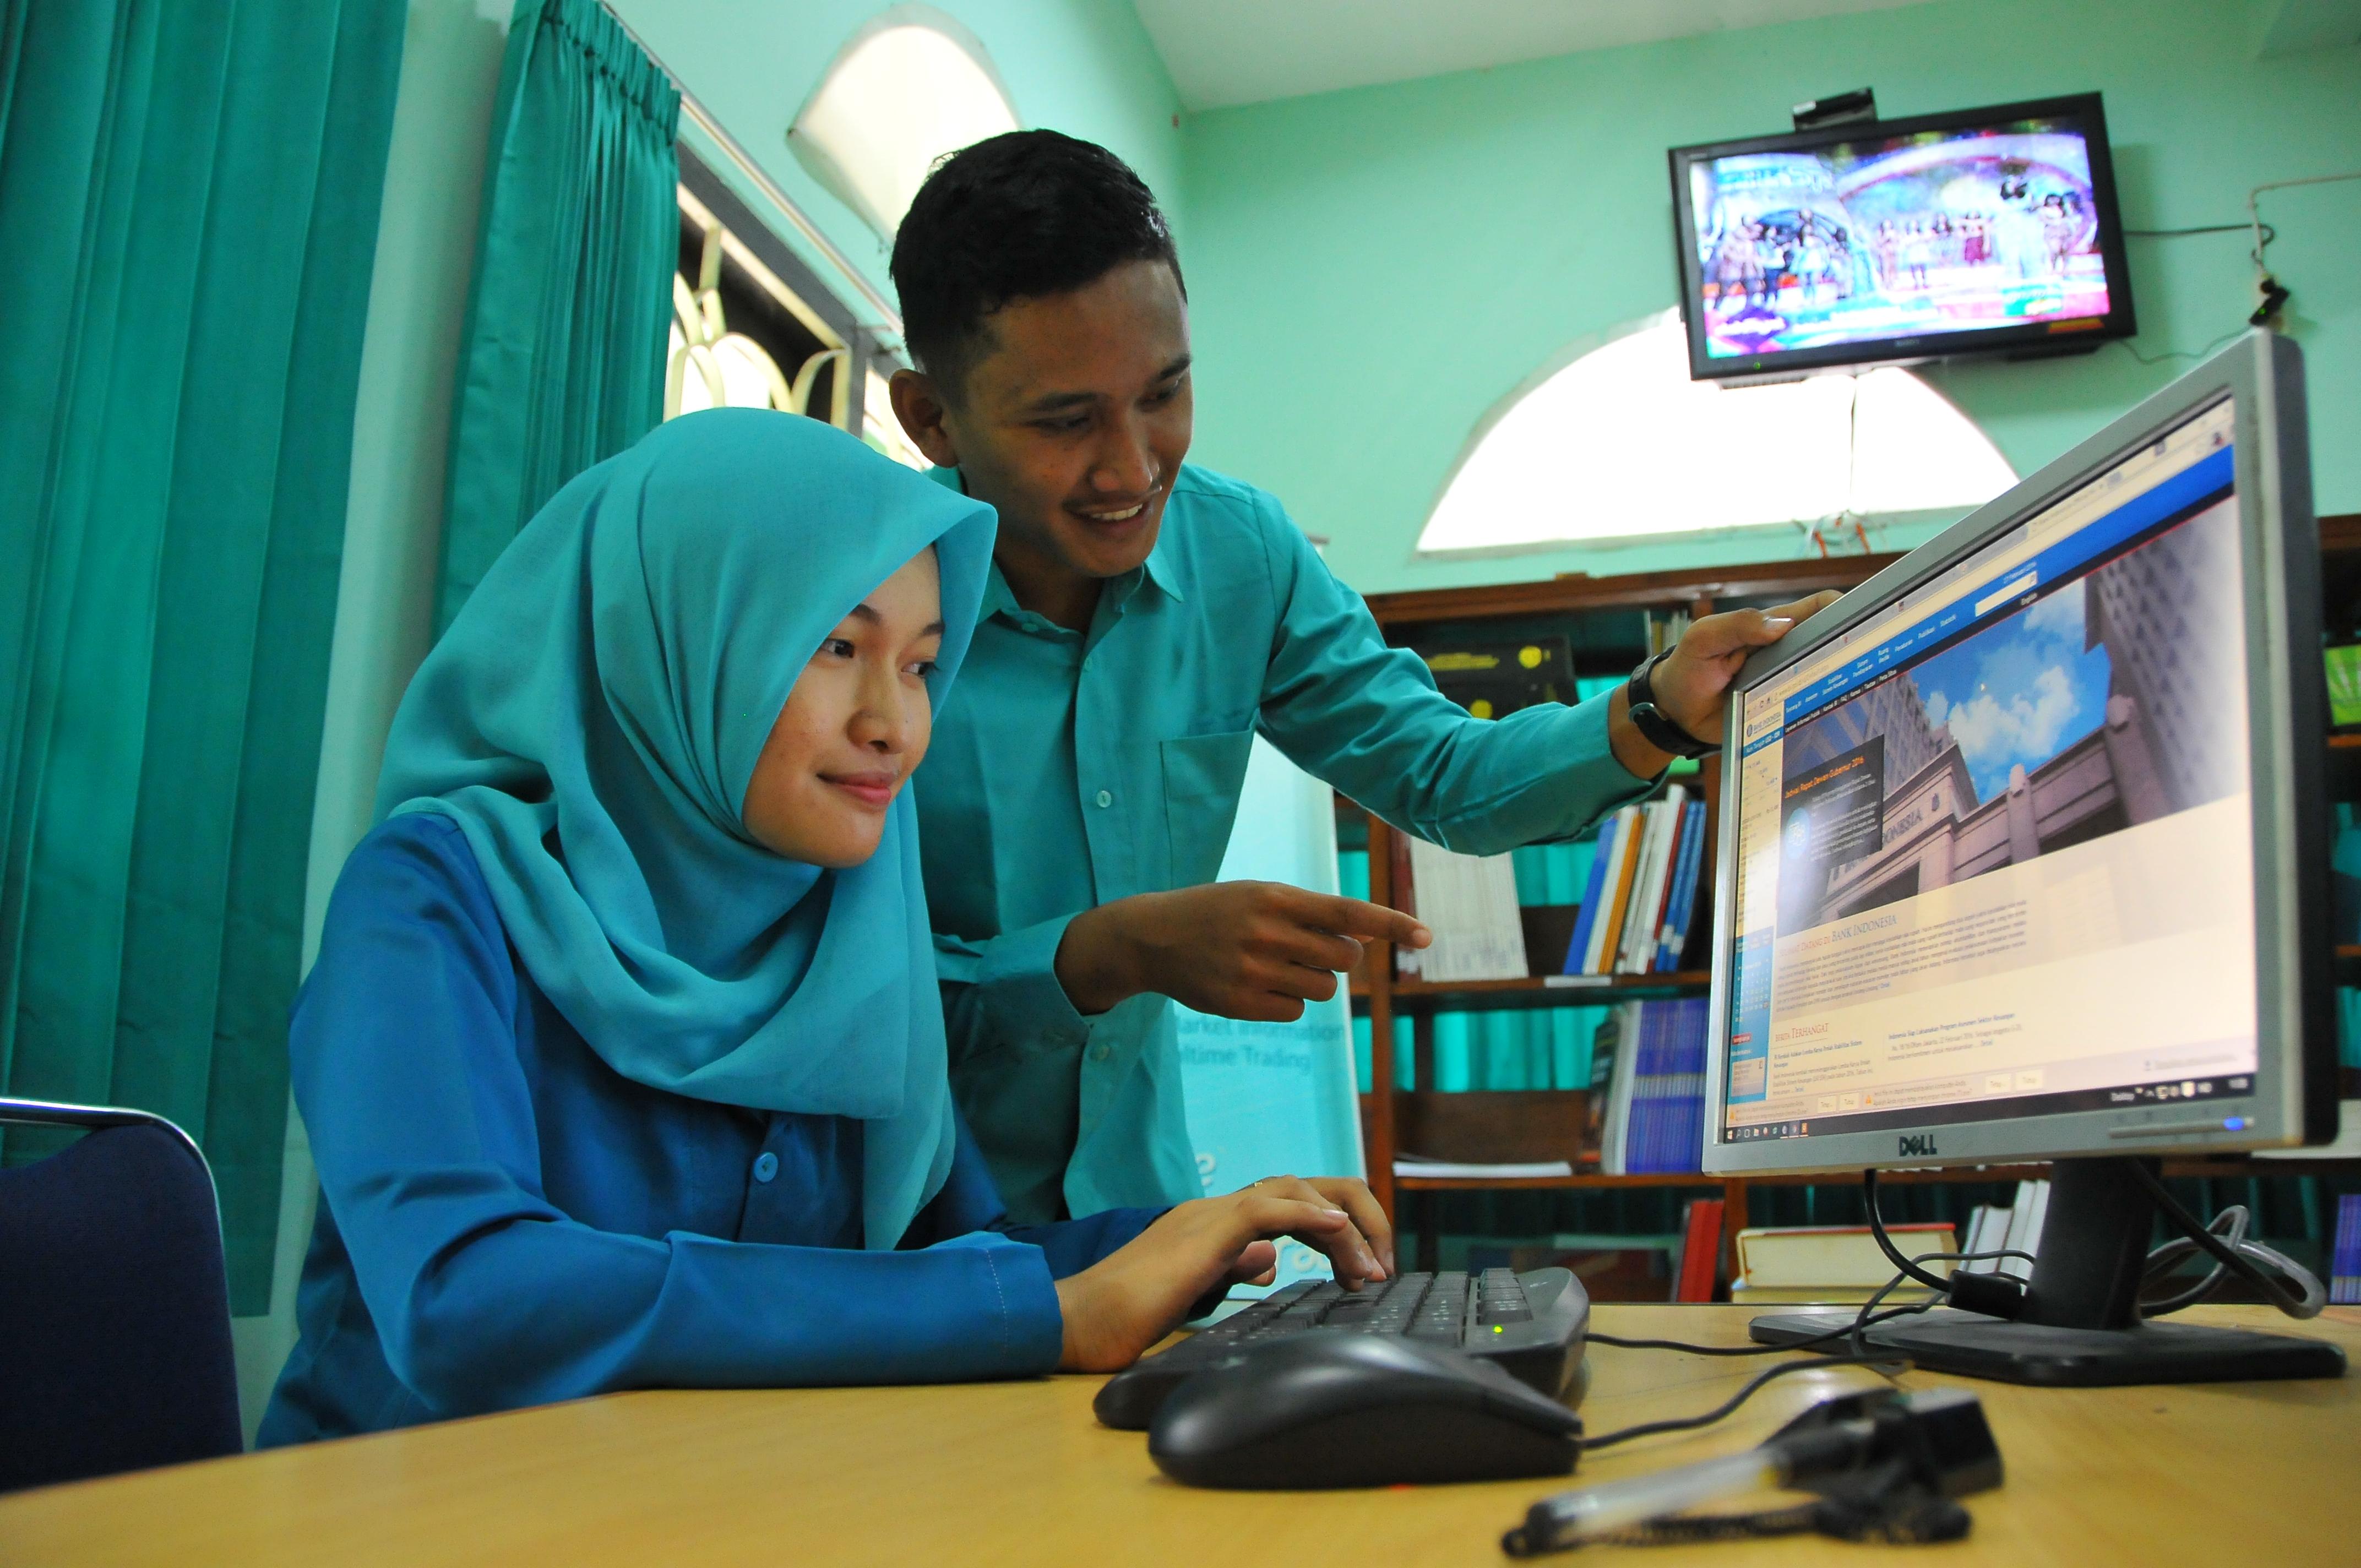 Prodi Perbankan Syariah sebagai Prodi Terfavorit di SPAN-PTKIN UIN Semarang